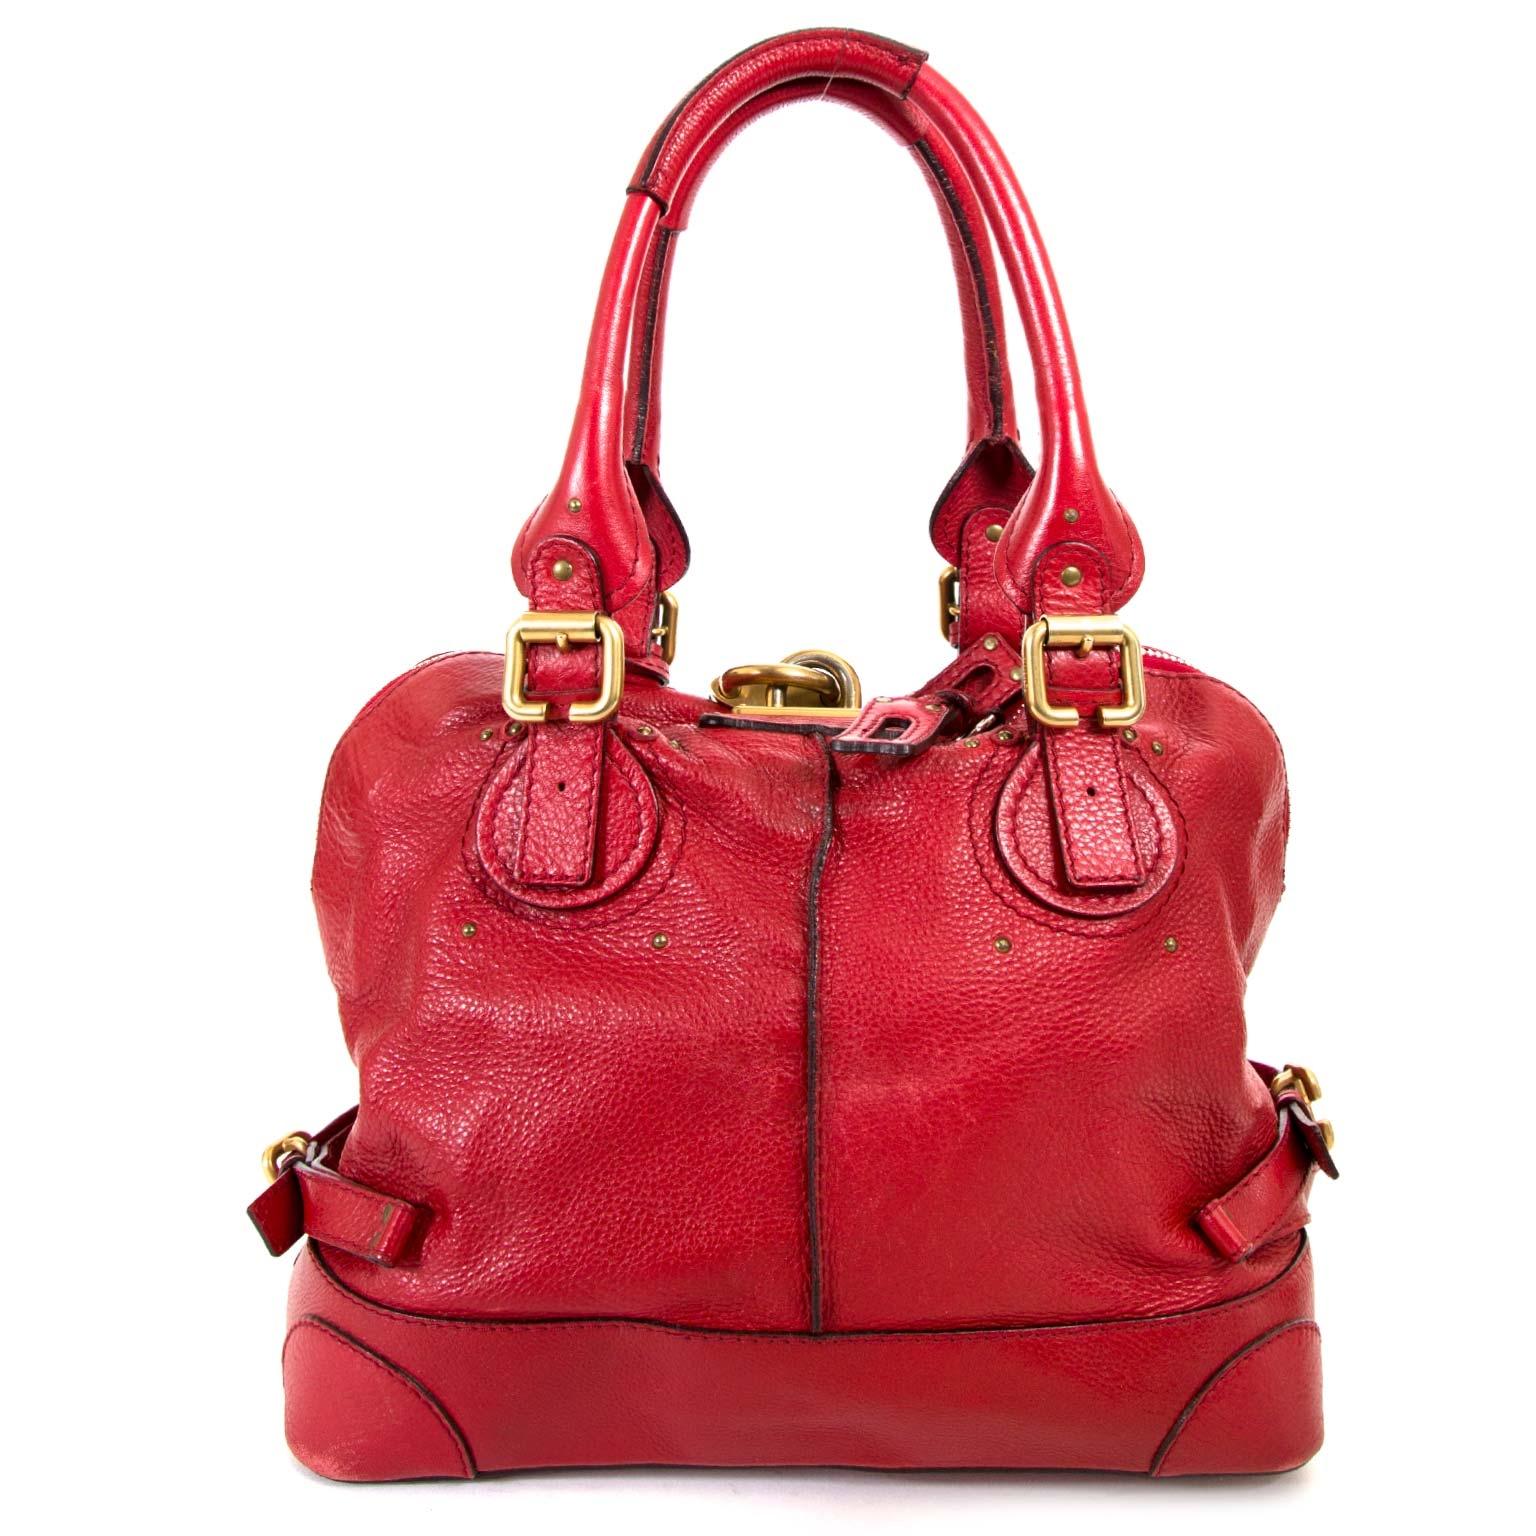 koop Chloé Red Paddington Satchel  en betaal veilig online bij labellov.com